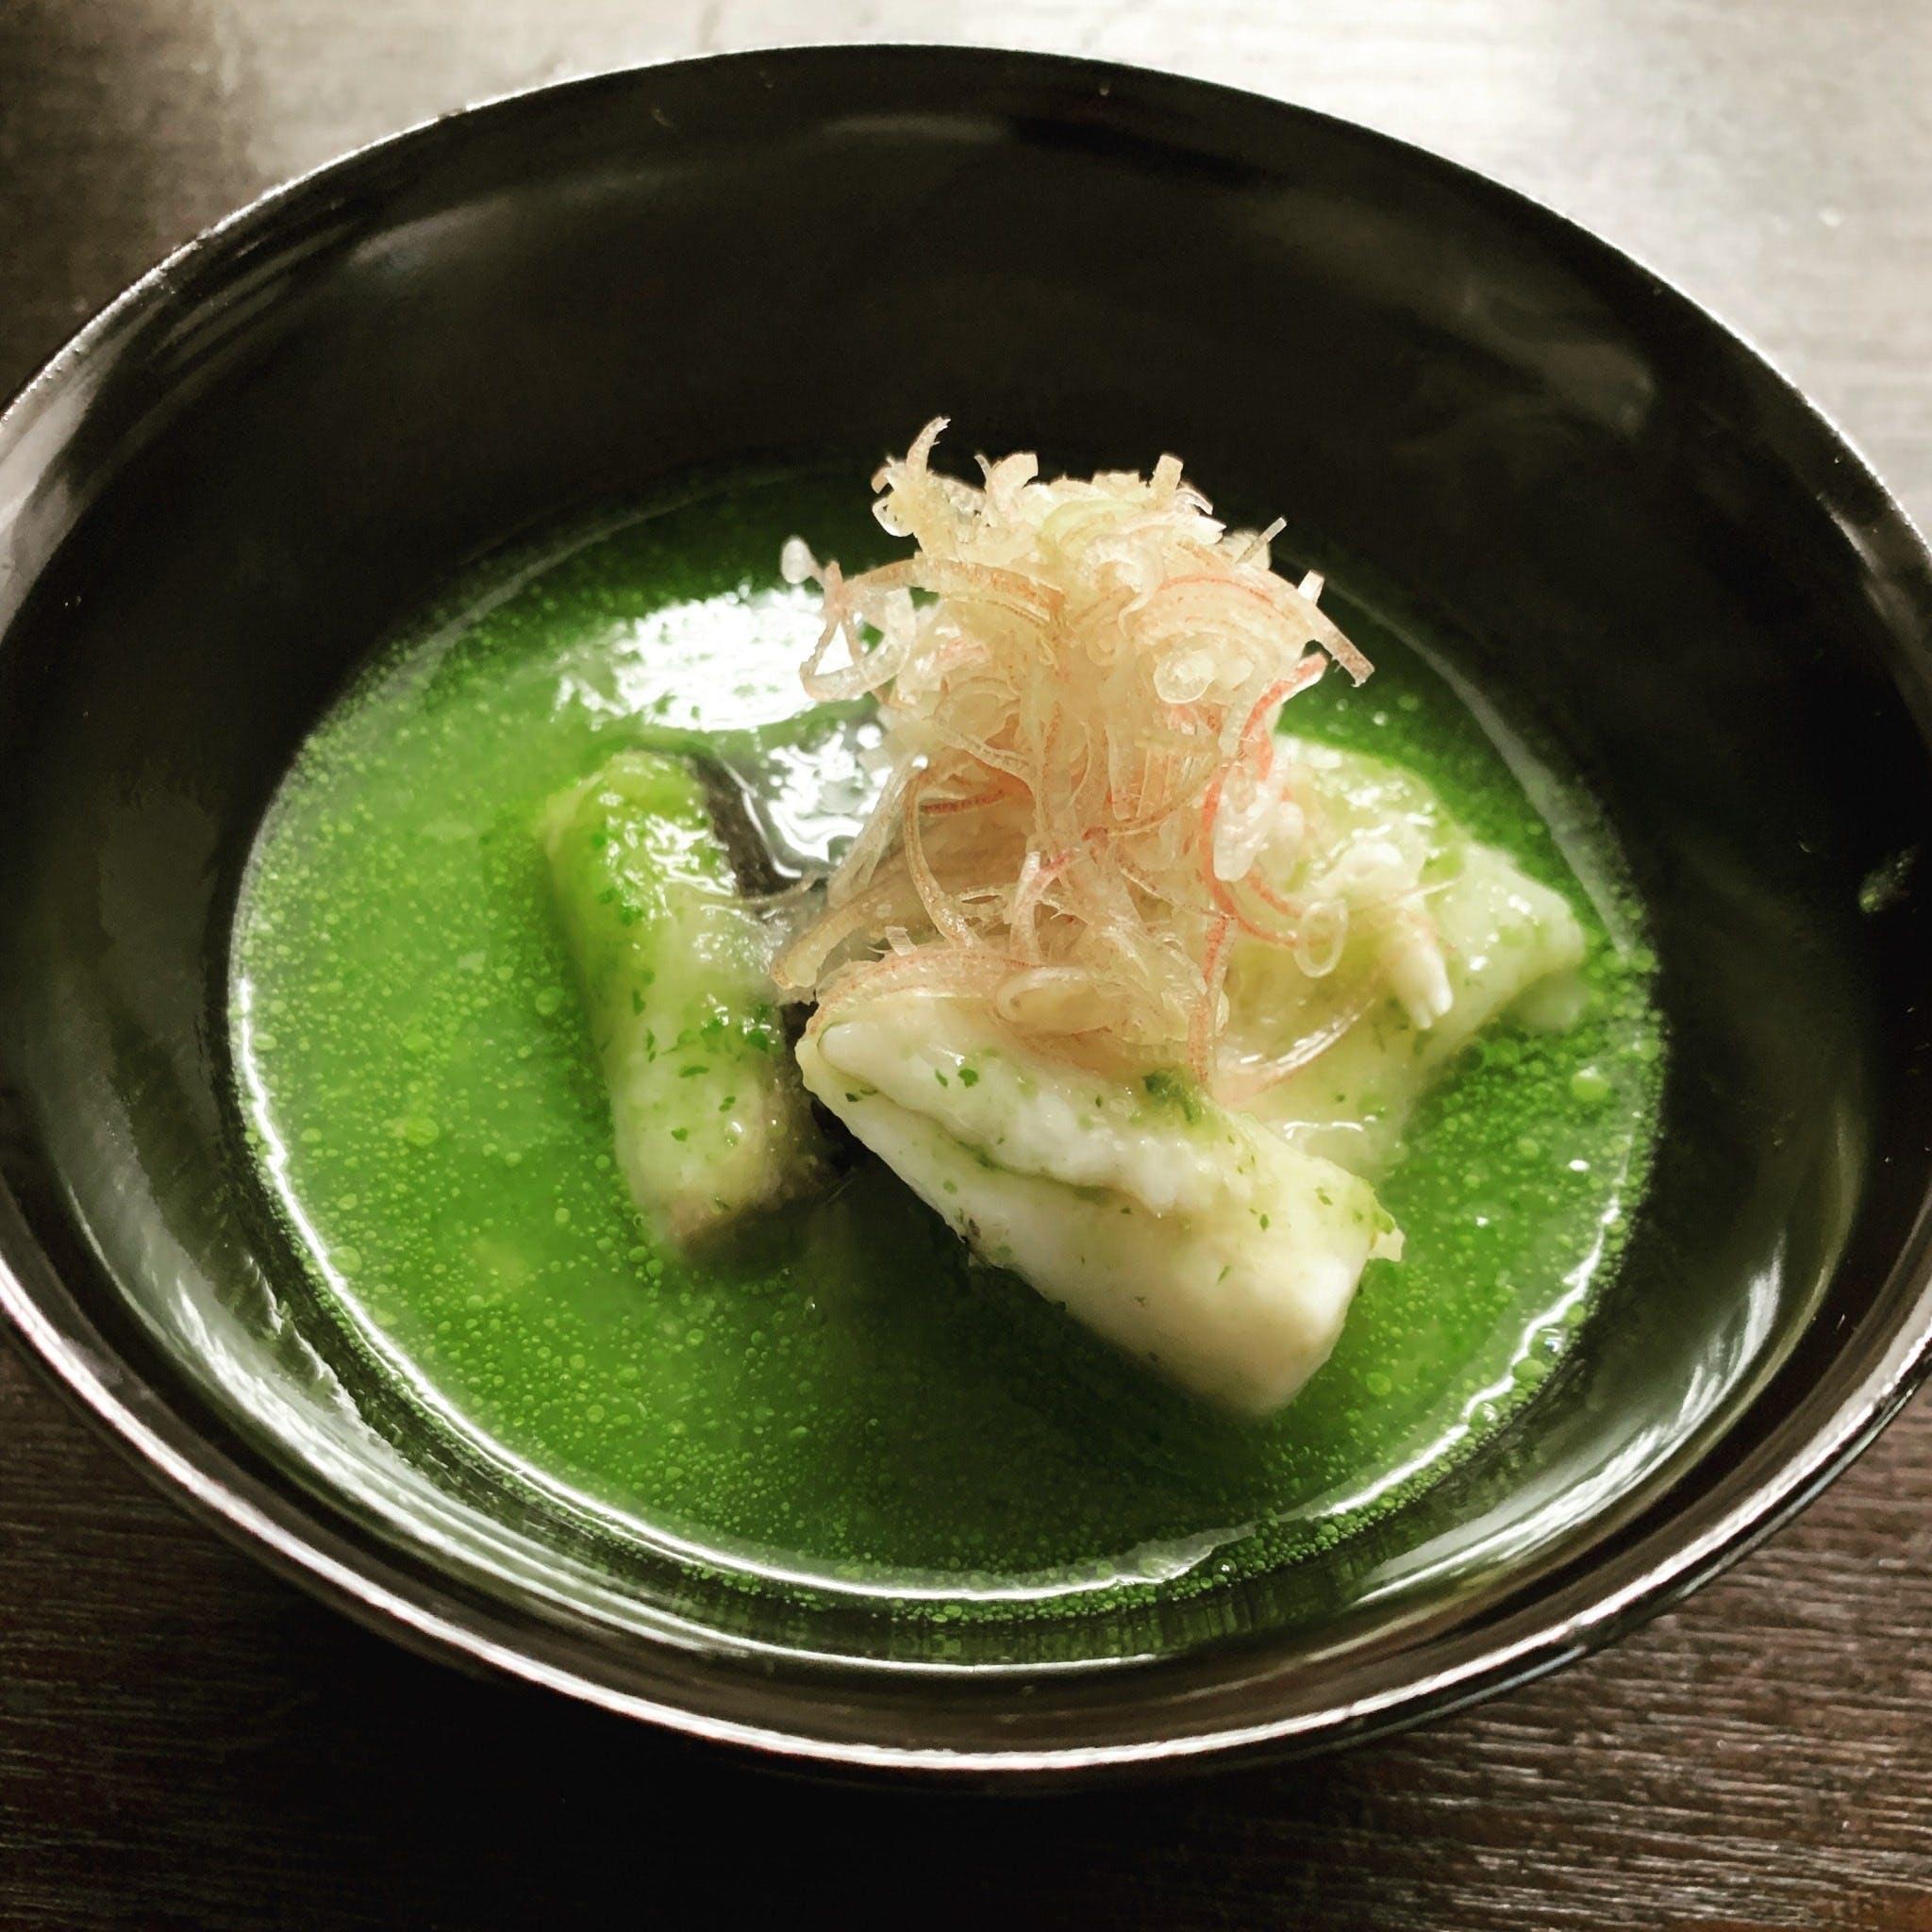 湘南・鎌倉地方の旬の食材をふんだんに使用